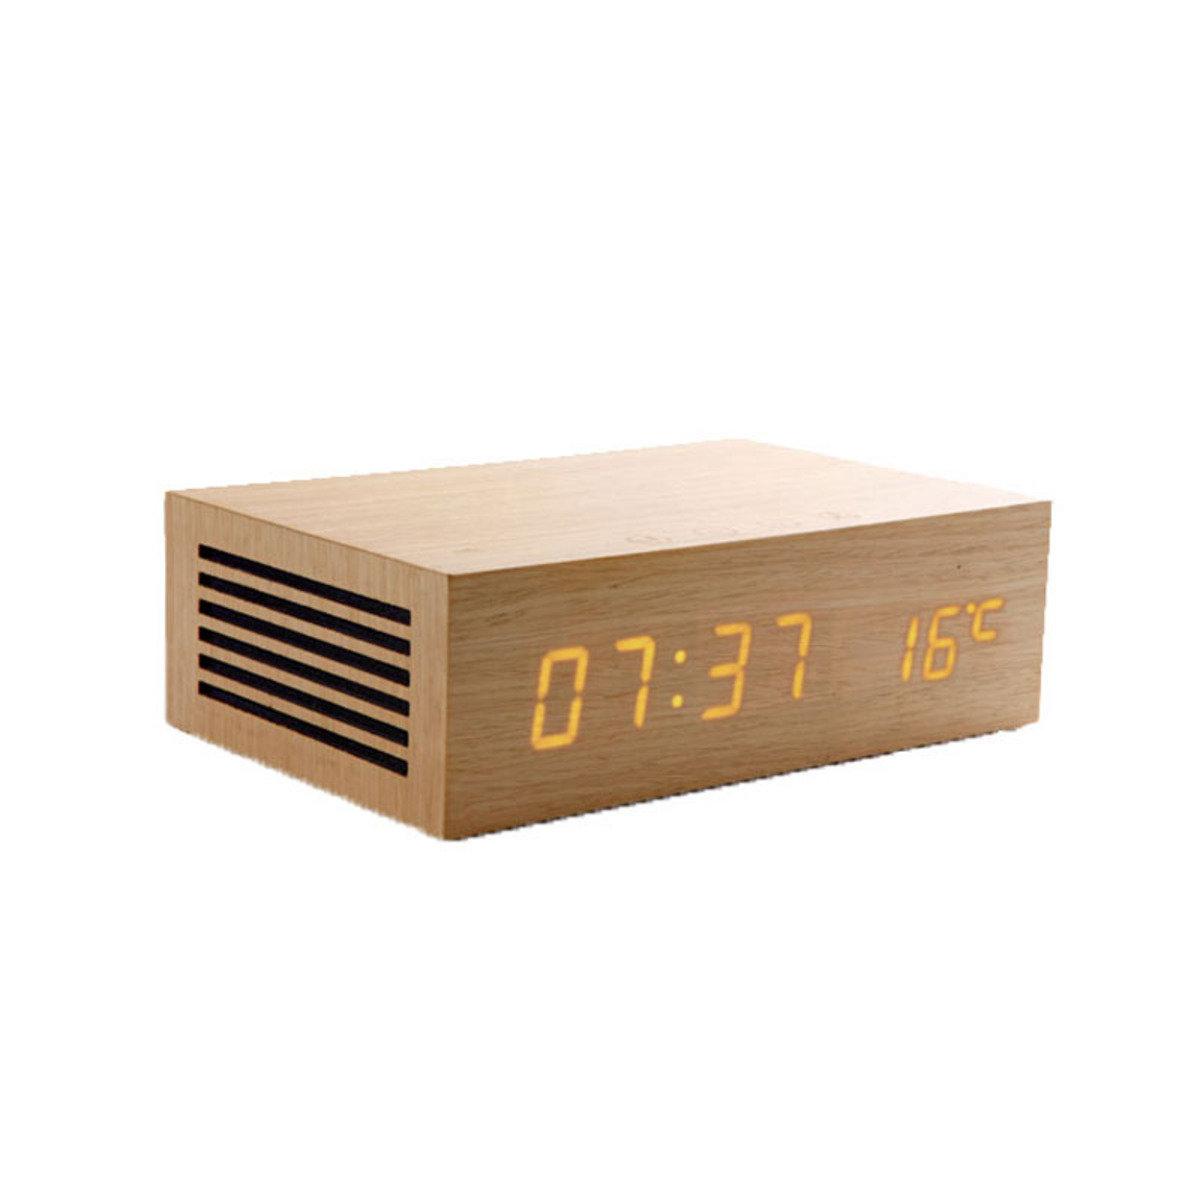 原木 藍芽喇叭連充電USB座檯鬧鐘 淺木色 MM-M9OA